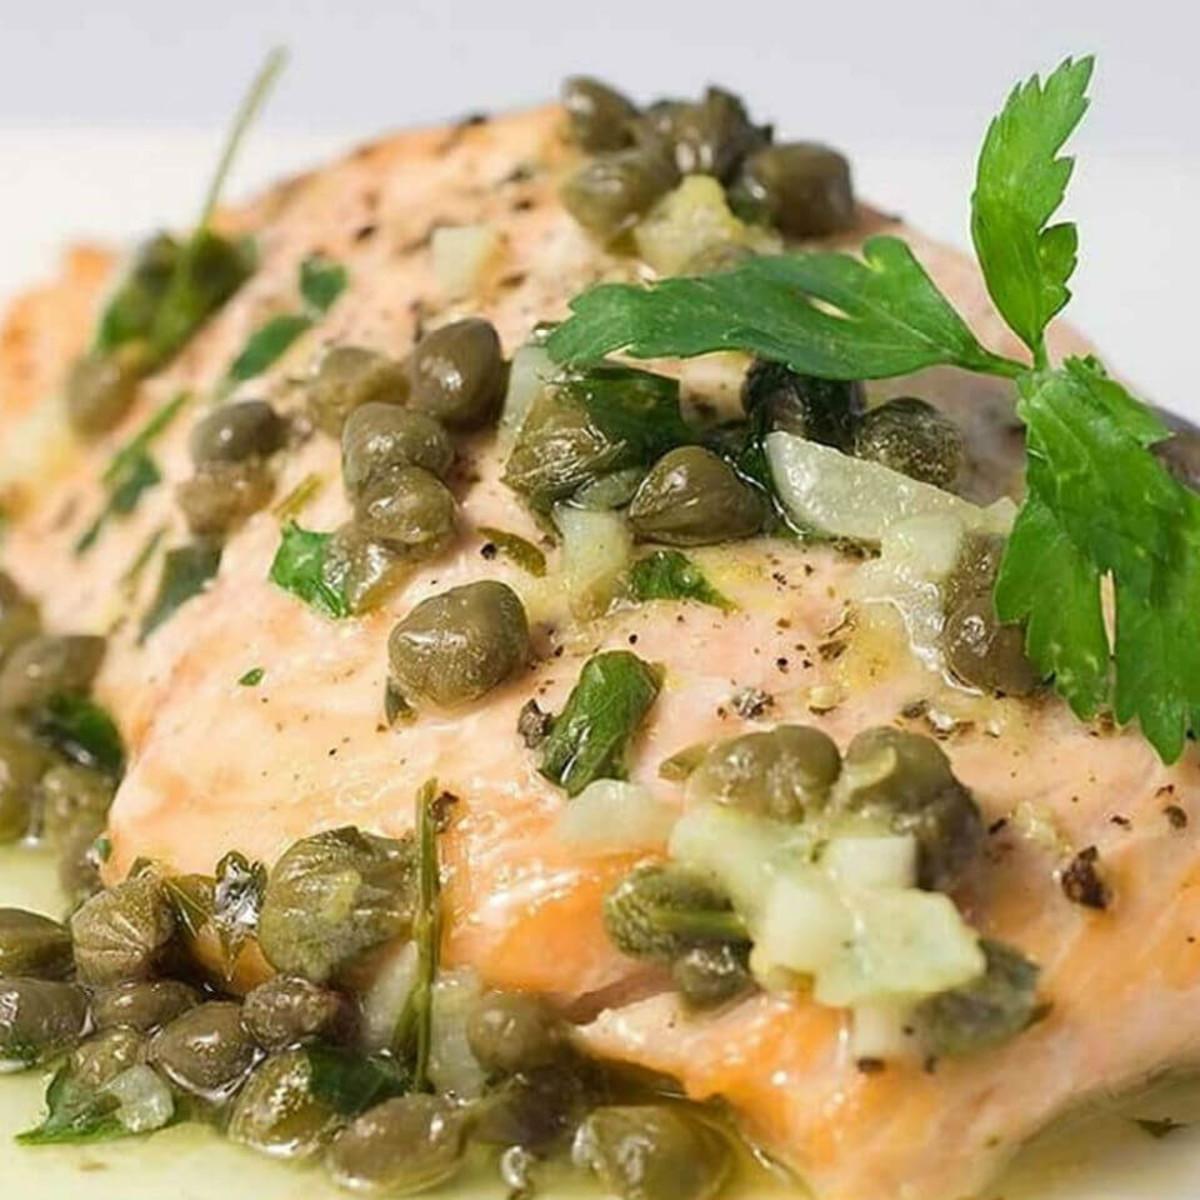 Adelmo's salmon